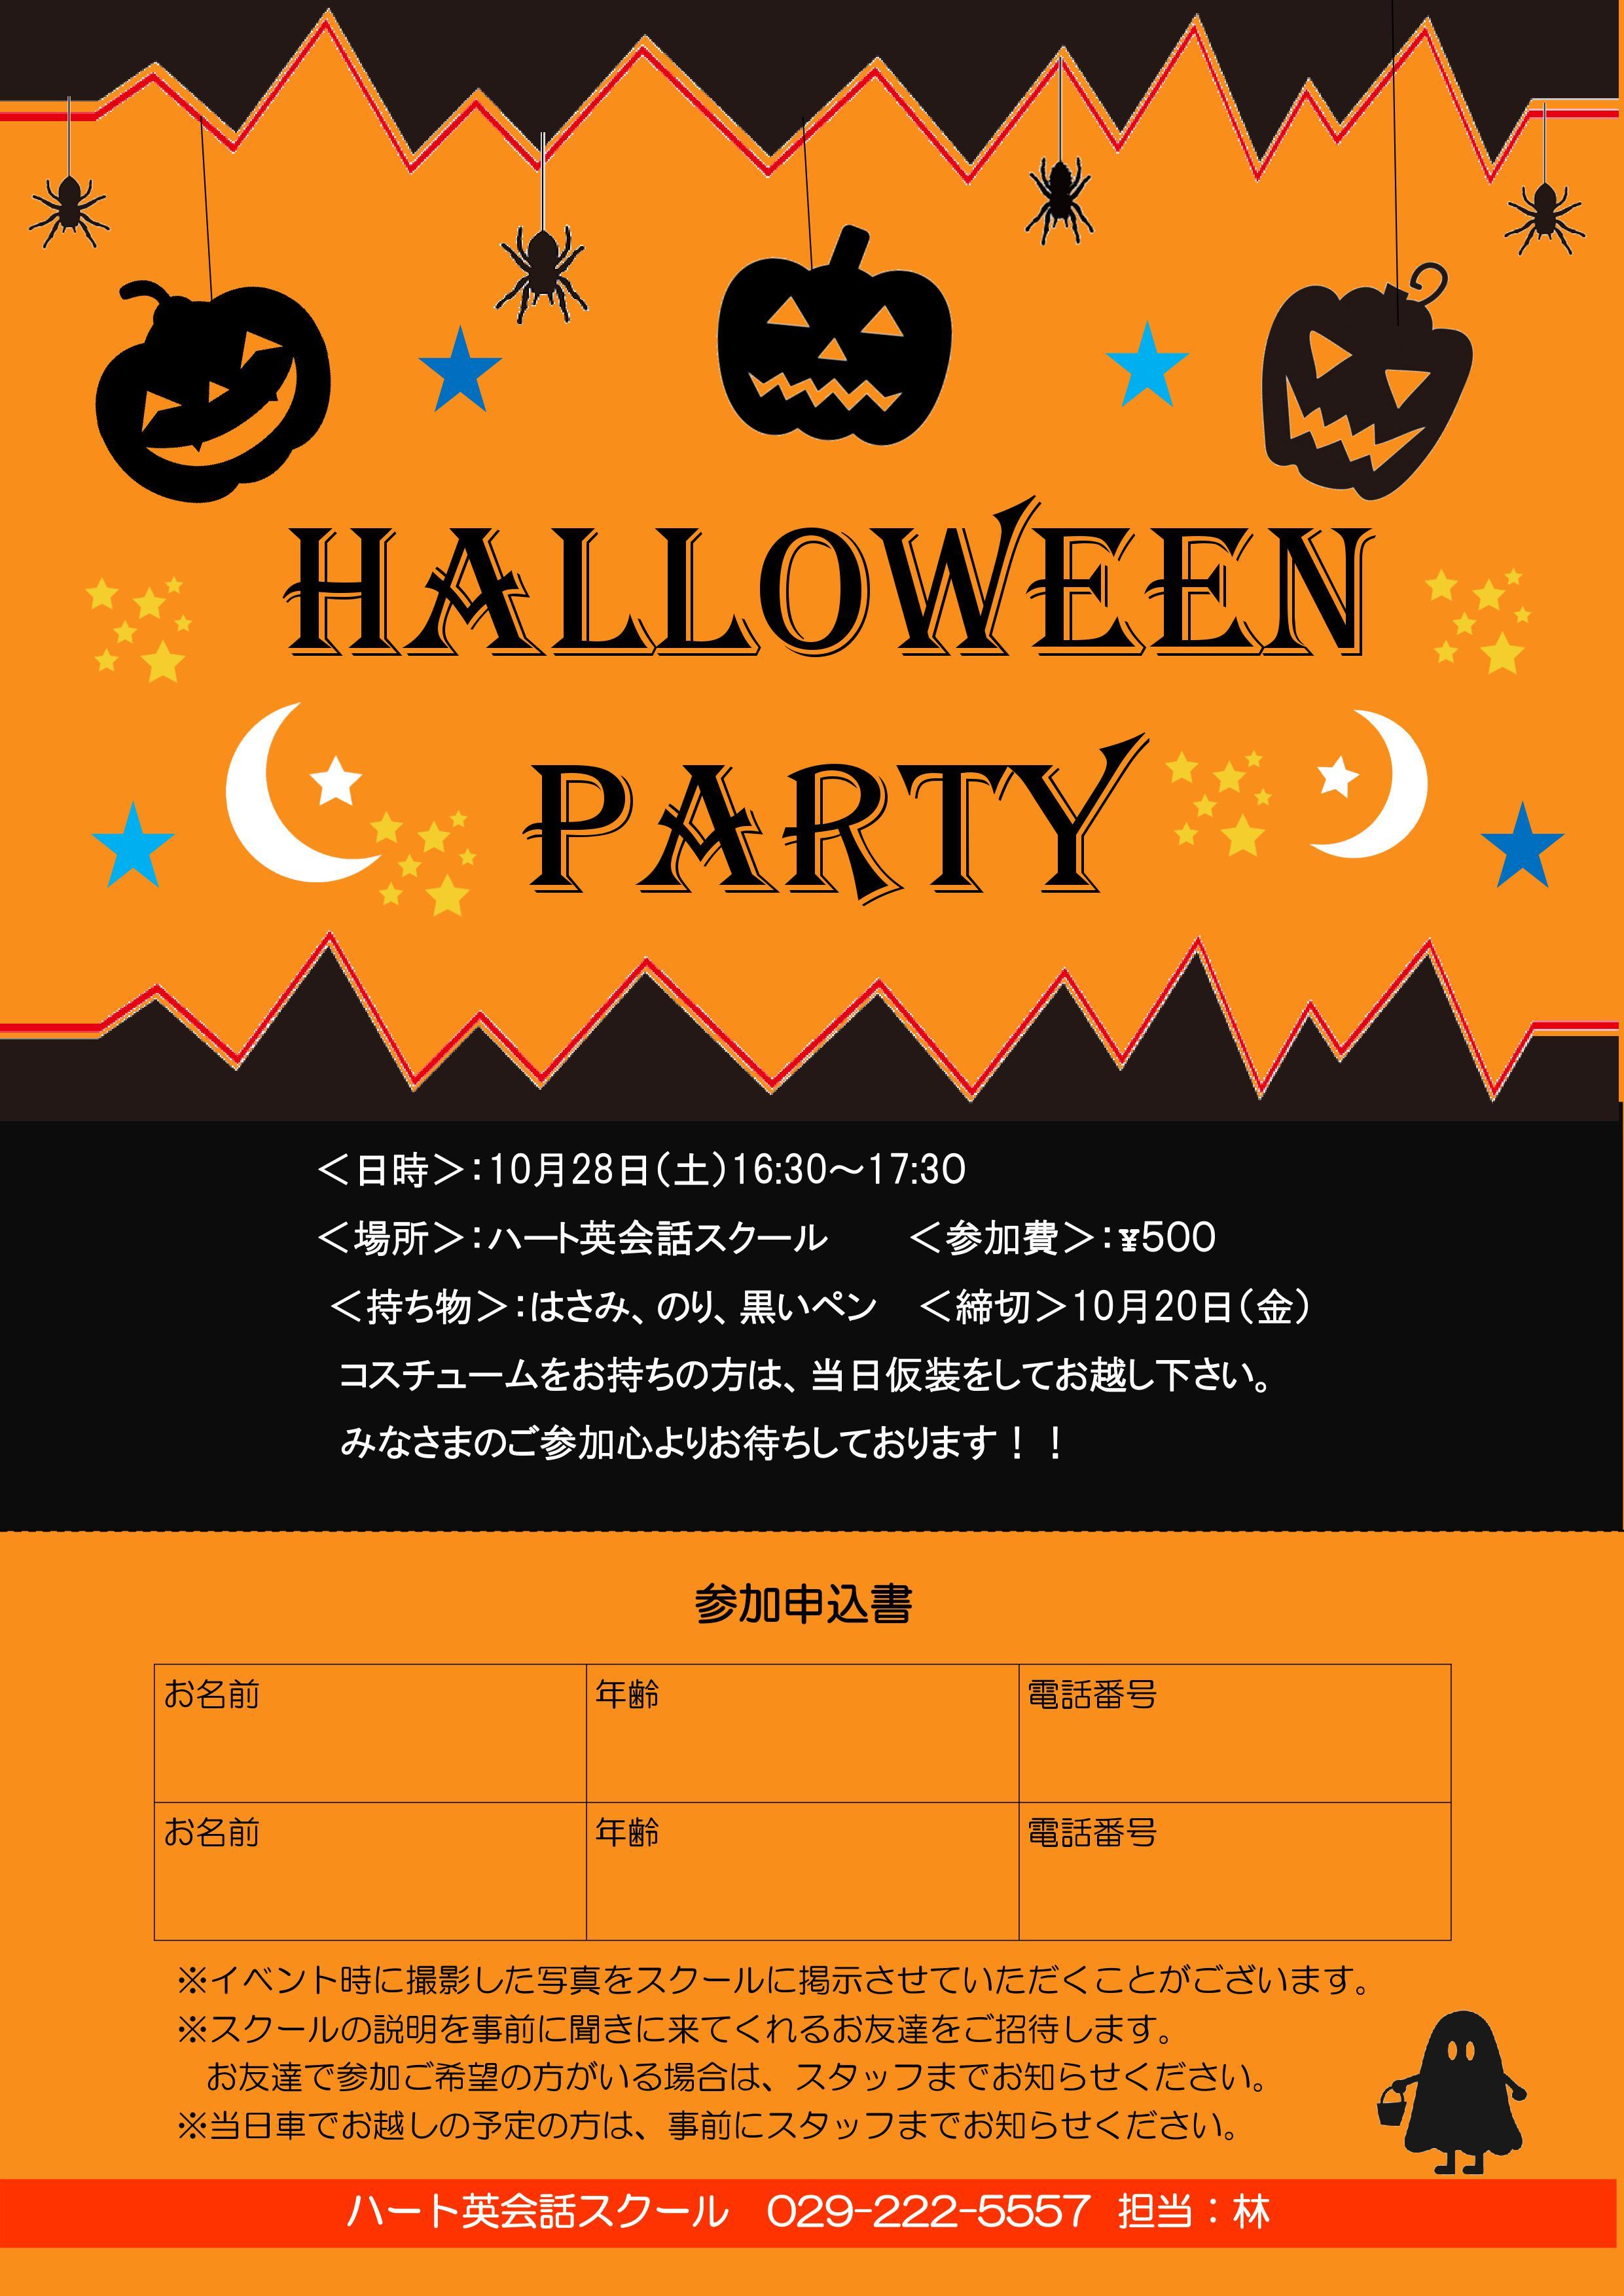 Halloween Party 10月28日土曜日 16:30~17:30